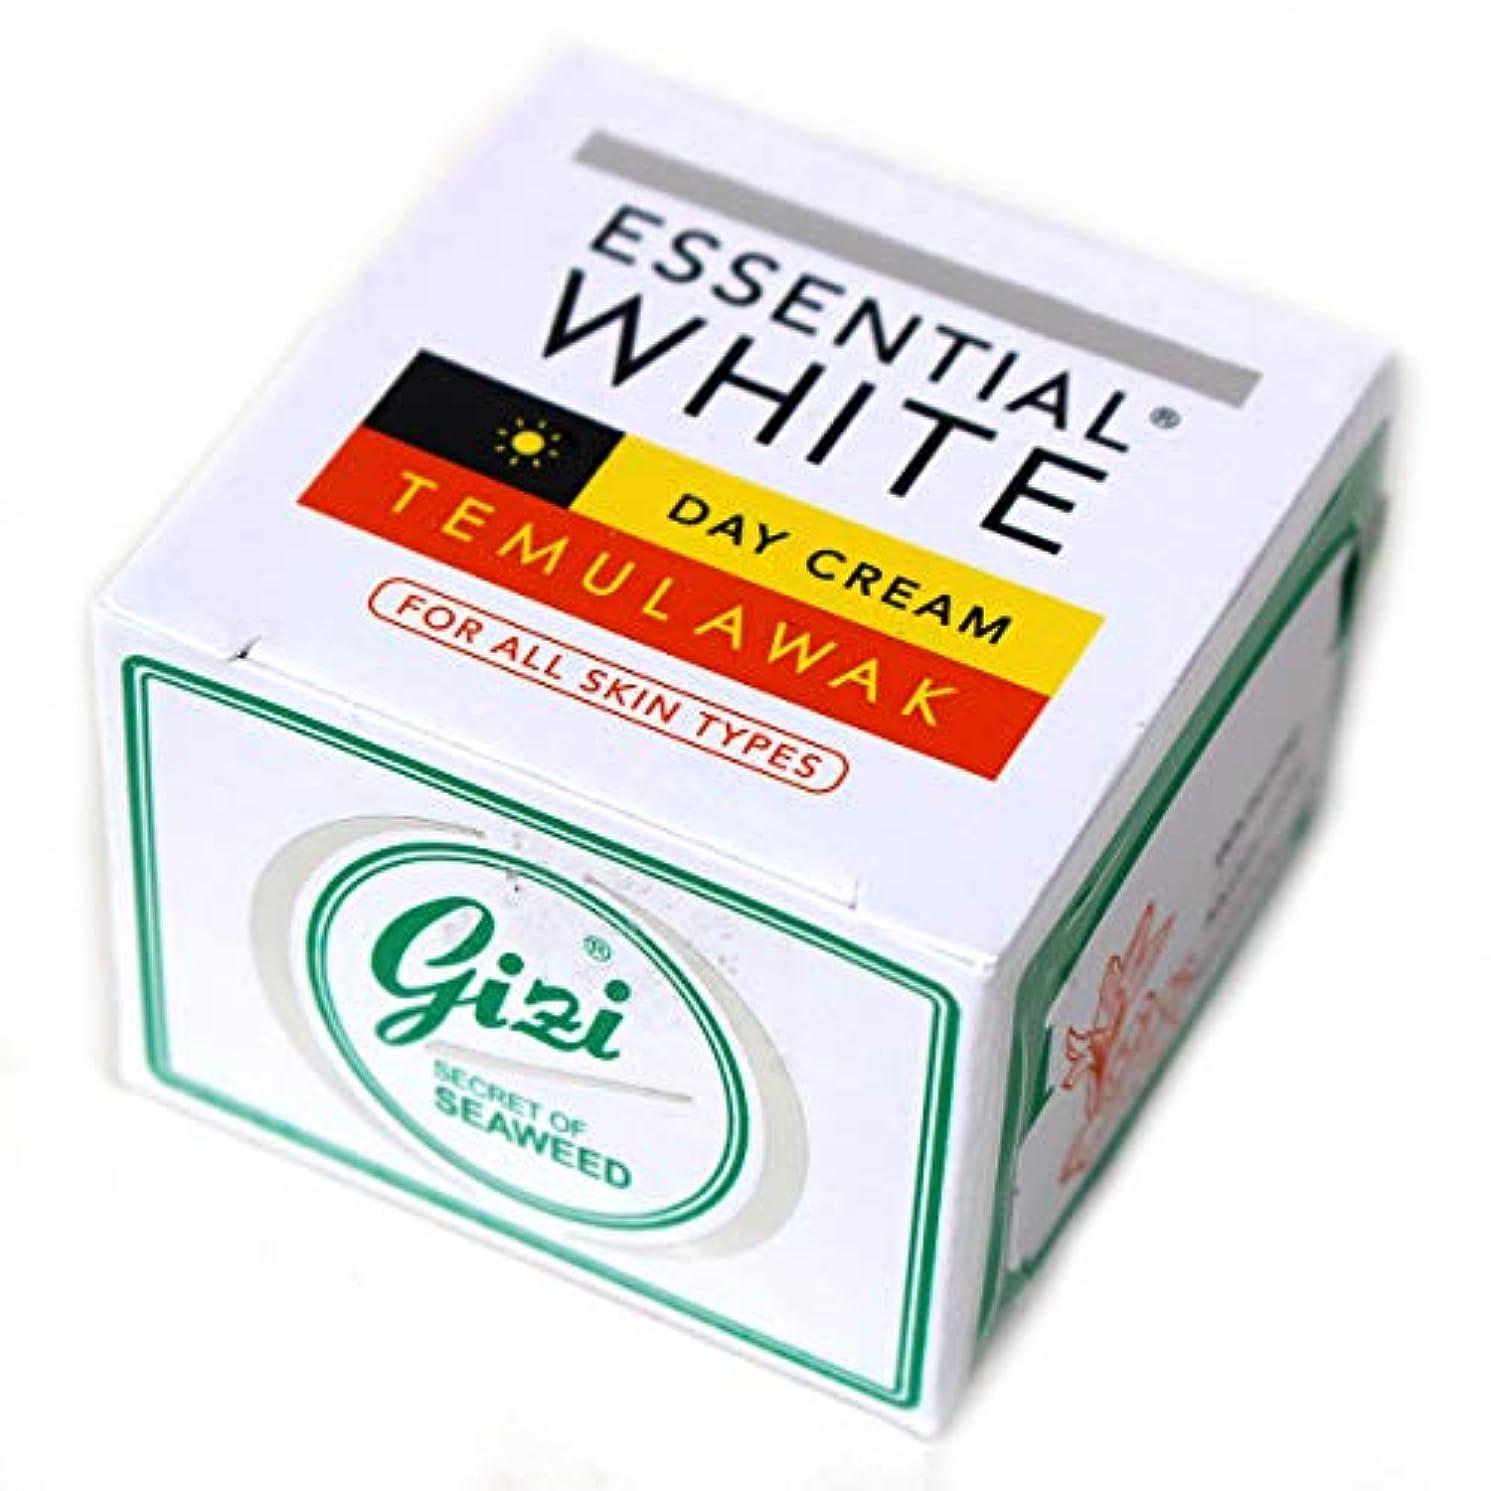 反毒ペースト幻影ギジ gizi Essential White 日中用スキンケアクリーム ボトルタイプ 9g テムラワク ウコン など天然成分配合 [海外直送品]